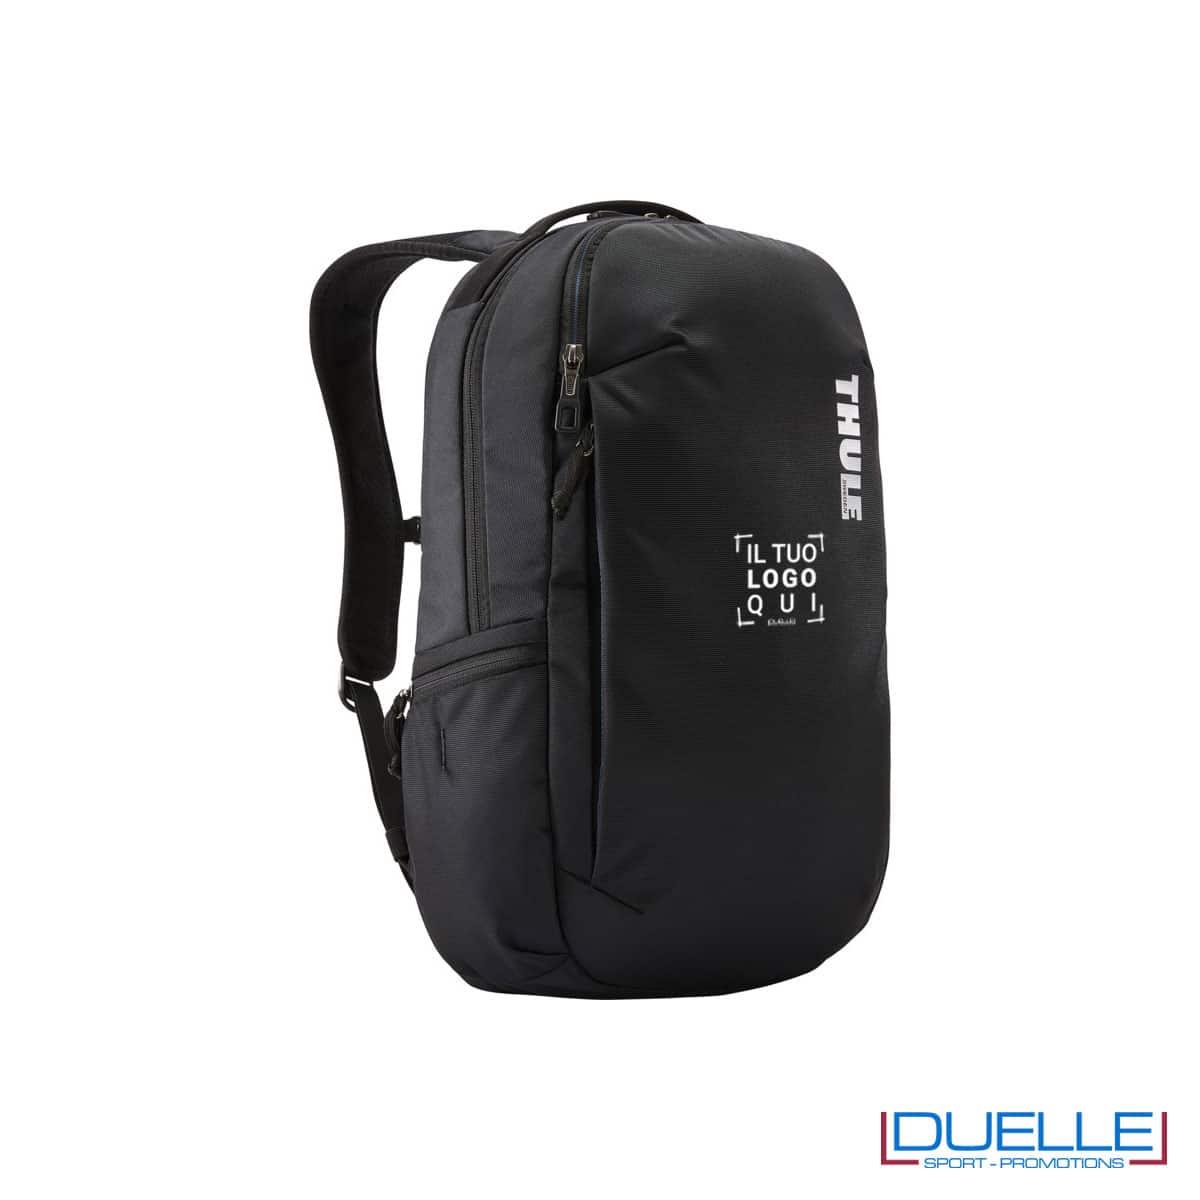 Zaino Thule porta laptop 15'' personalizzabile con stampa o ricamo